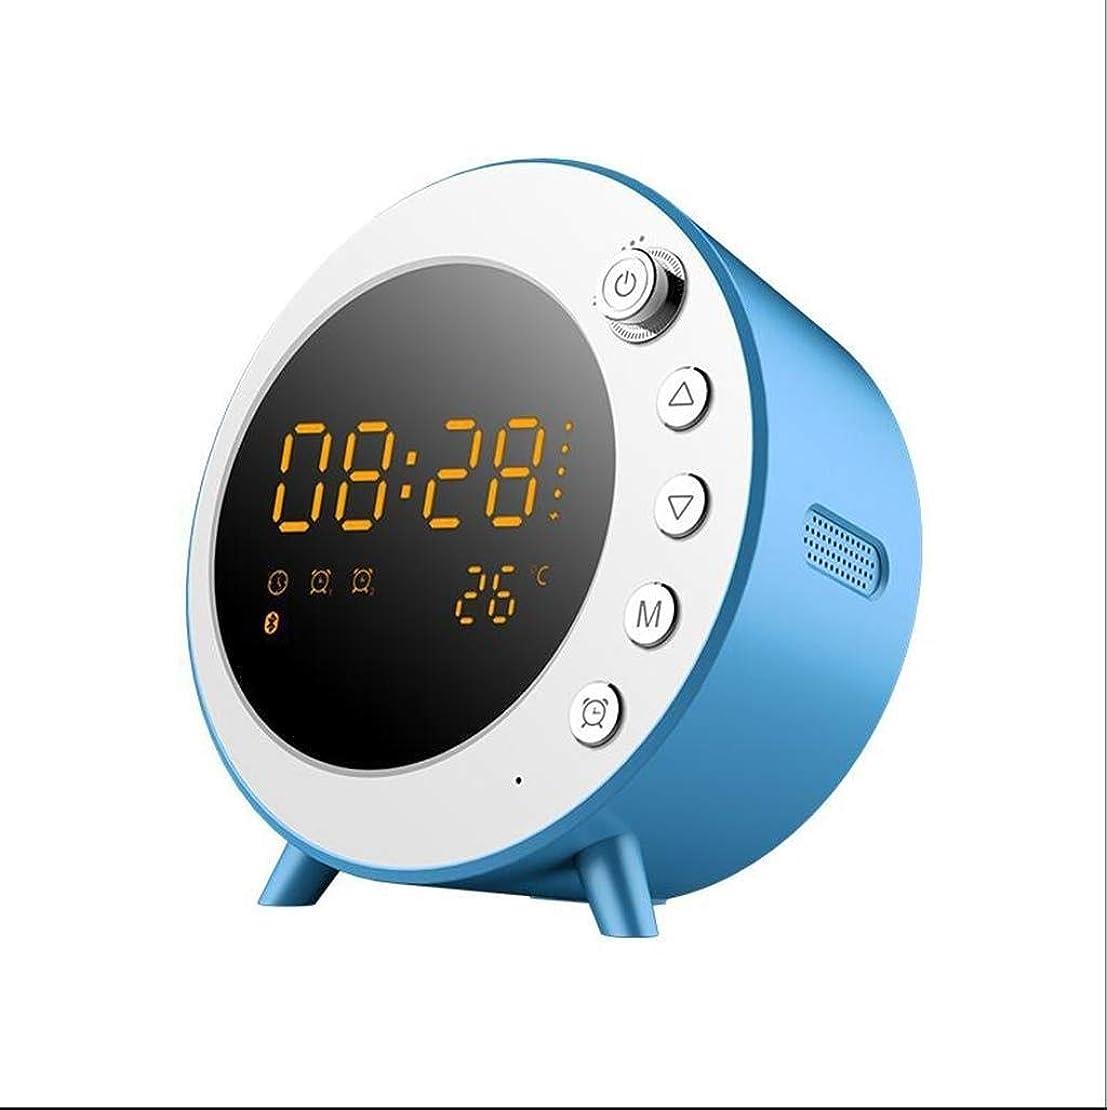 宿る法医学何かROLLNNZ 目覚まし時計、子供のための目覚ましデジタル時計Bluetoothスピーカーホーム小型ポータブル多機能目覚まし時計内蔵FMラジオ (Color : Blue)